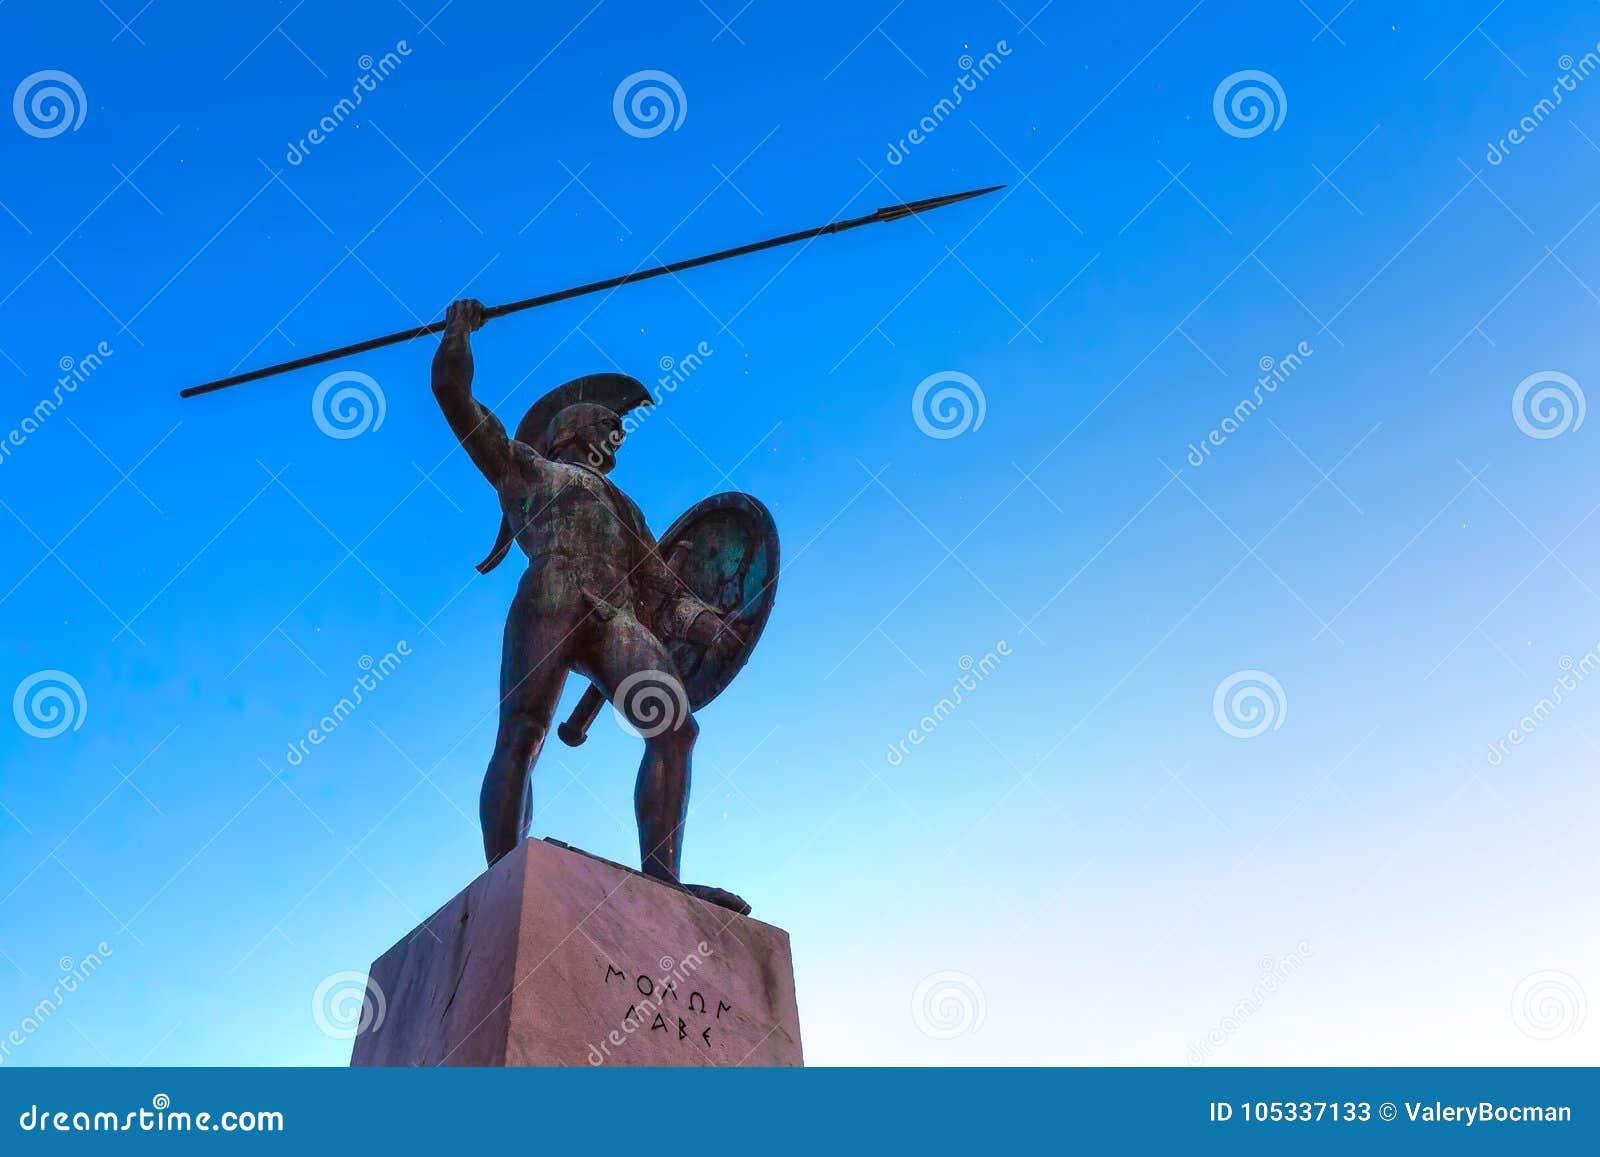 Mémorial de Leonidas et de Sparte 300, Grèce - avril 2017